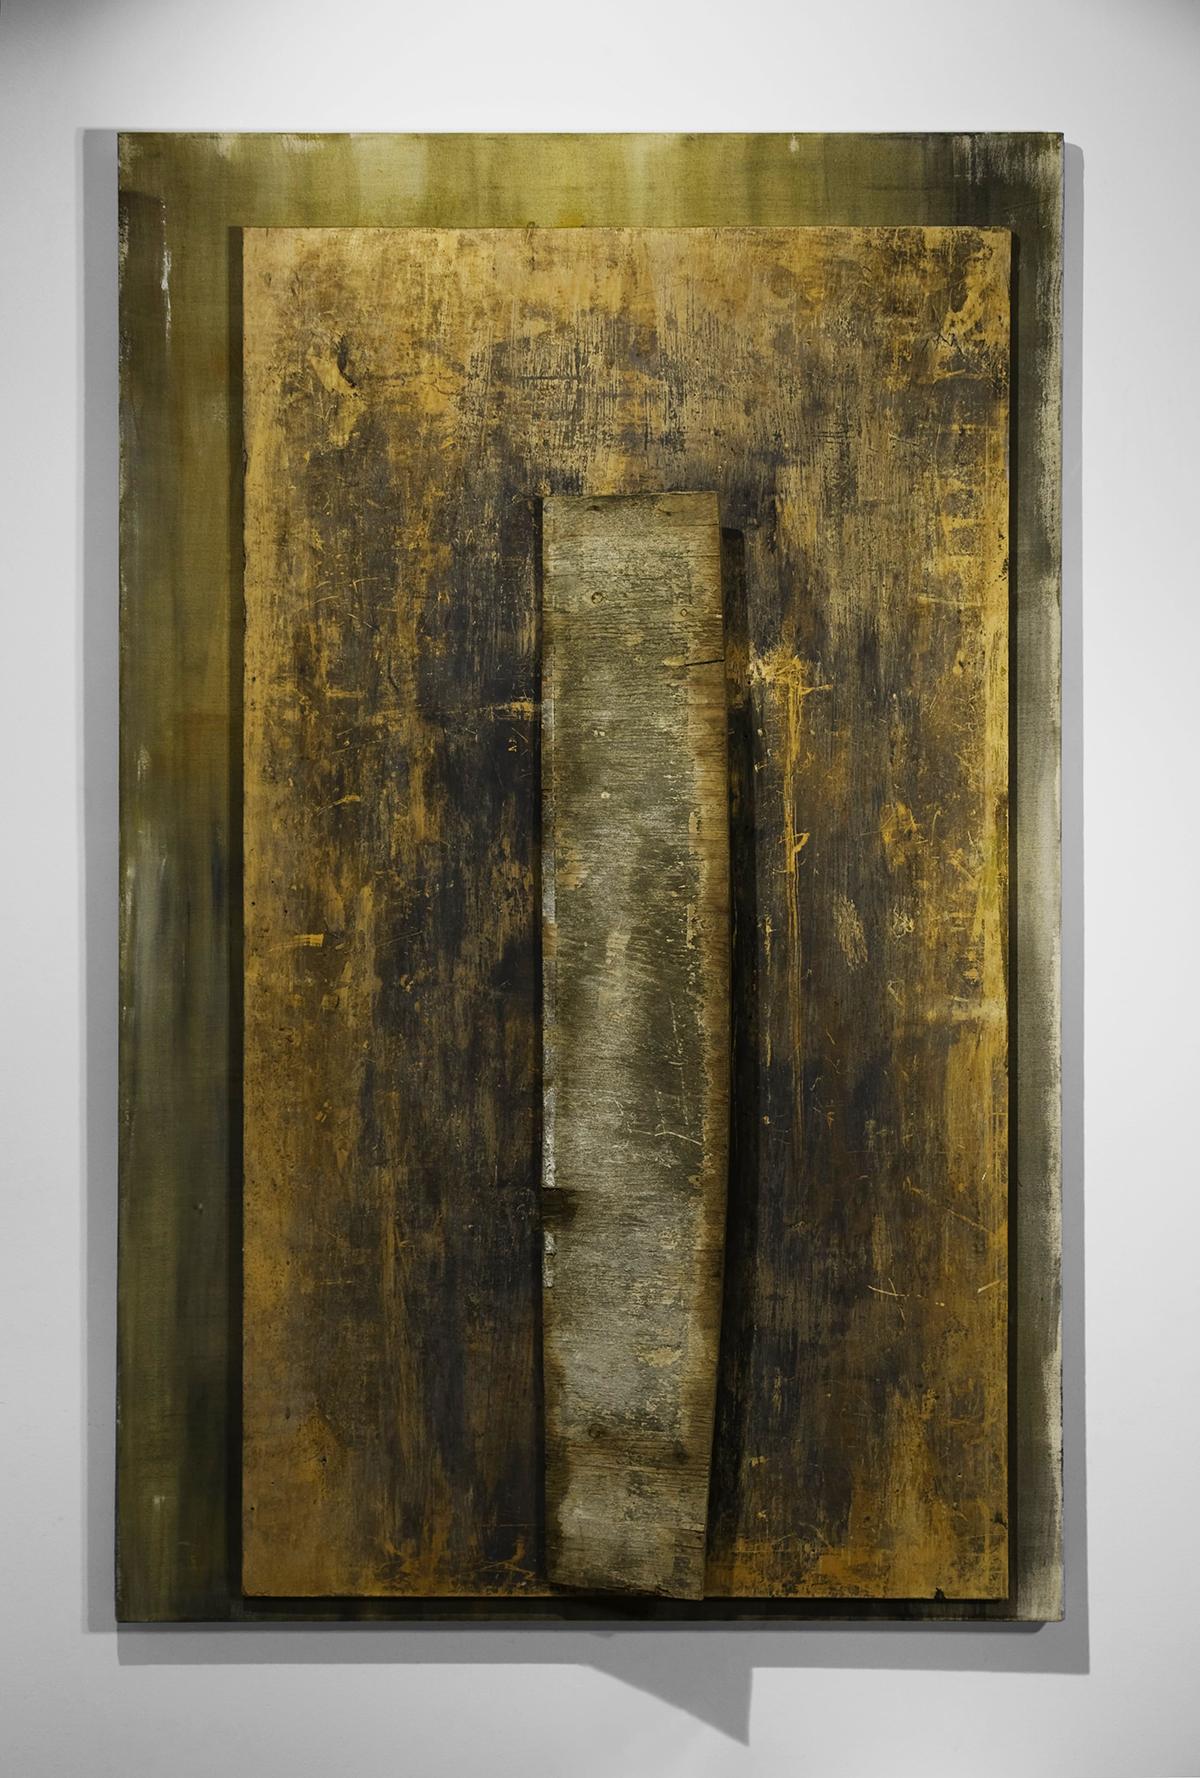 DORDOGNE   Found wood, acrylic, canvas  66 x 41 x 5 Inches